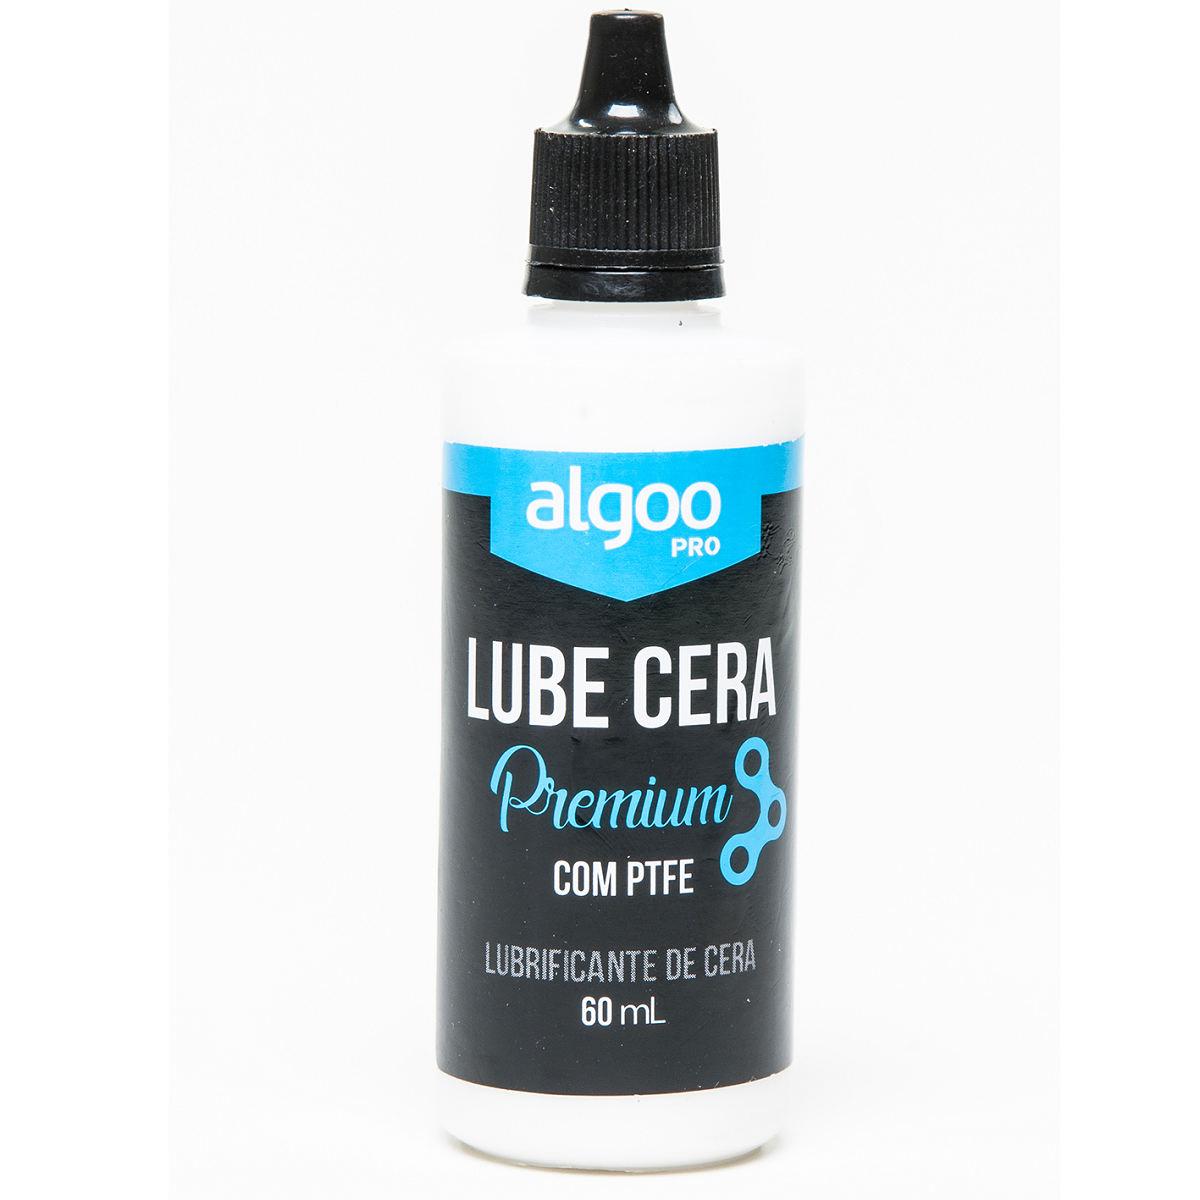 Lubrificante Lube Cera Premium, 60 Ml